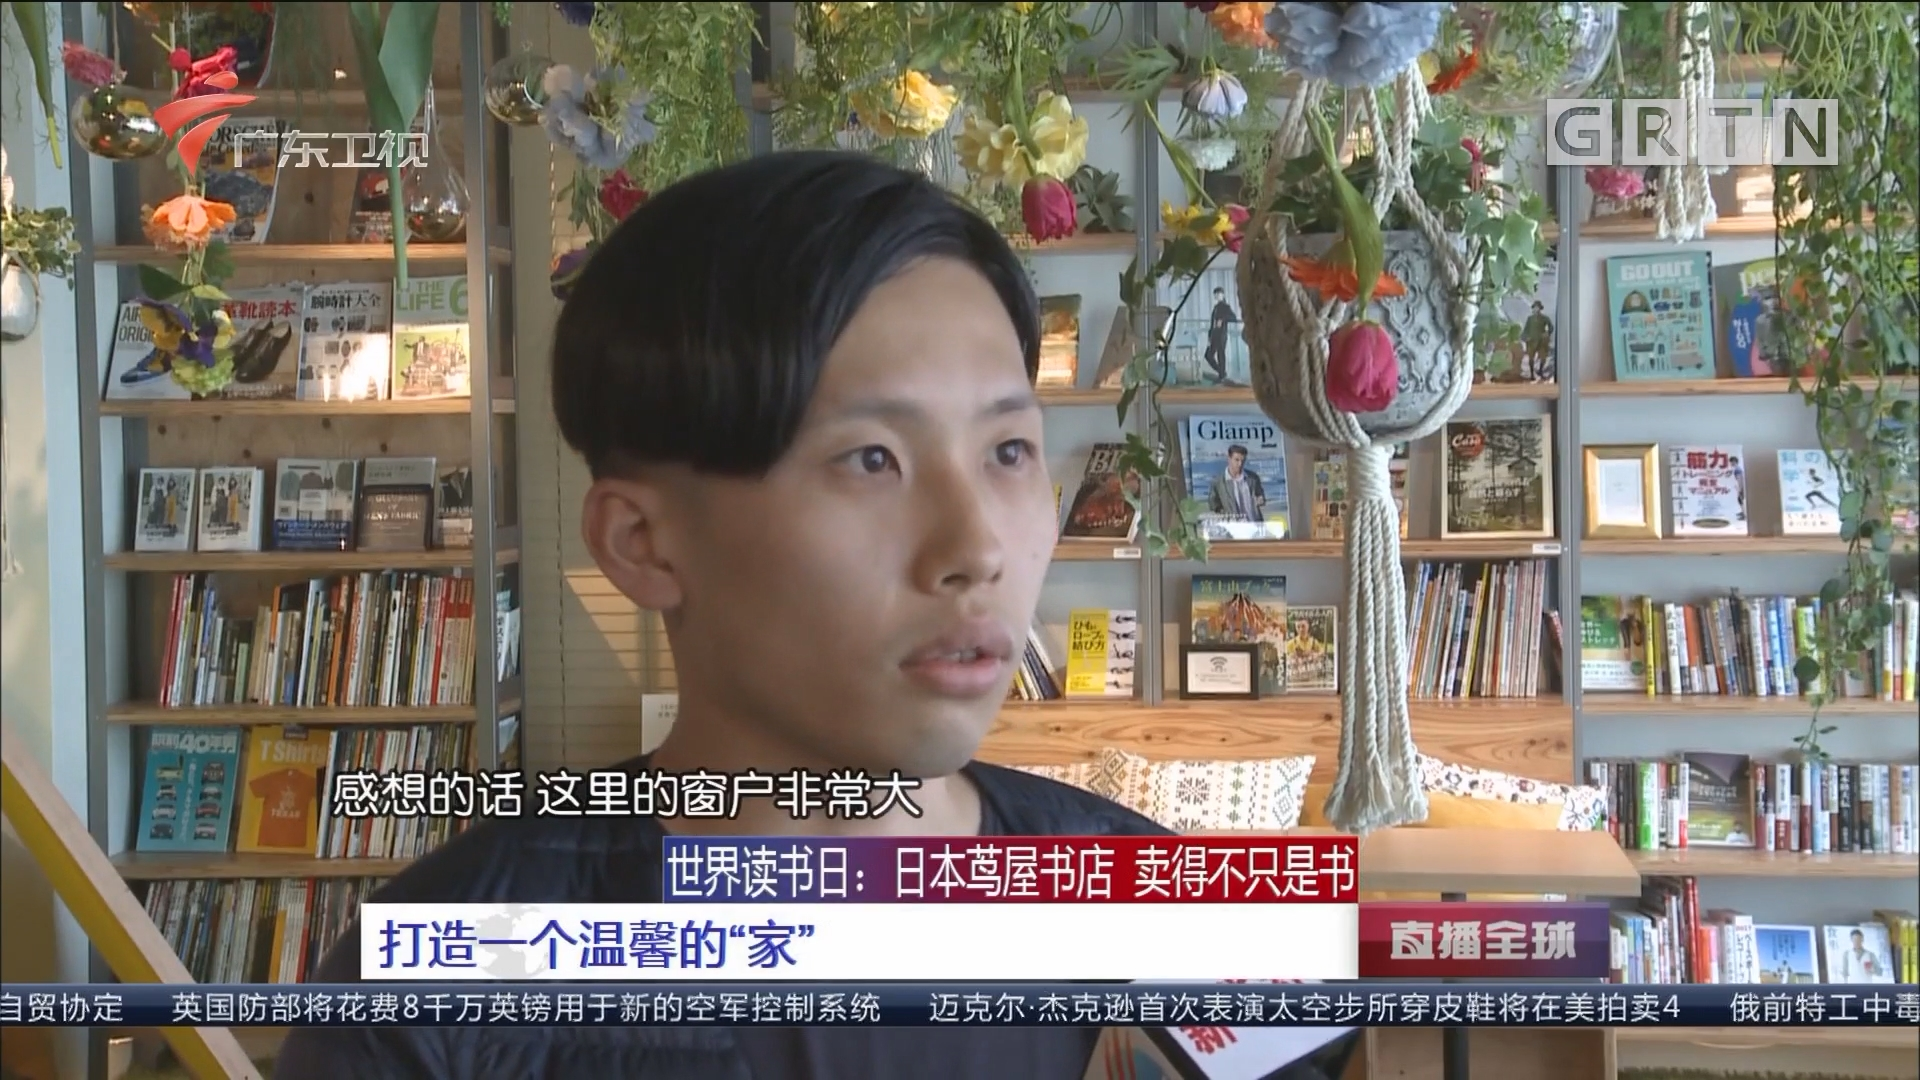 """世界读书日:日本茑屋书店 卖得不只是书 打造一个温馨的""""家"""""""